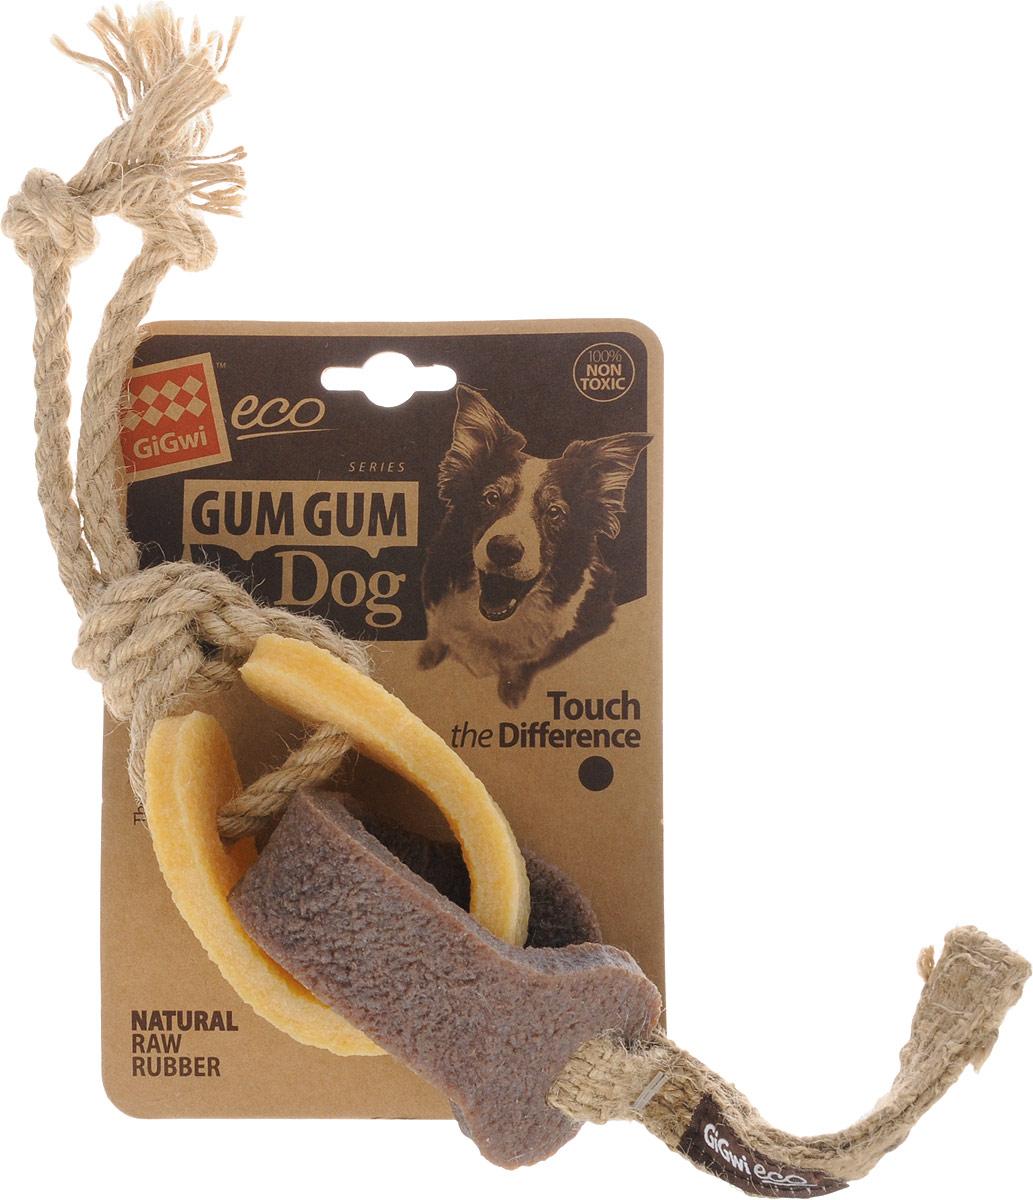 Игрушка для собак GiGwi Резиновая цепь, длина 18 см75318Игрушка для собак GiGwi Резиновая цепь выполнена из натуральных компонентов - 100% нетоксичного каучука и льняного жгута. Вдохновенные природой эти игрушки не вредят здоровью вашего питомца и его зубам, деснам, тем самым обеспечивая здоровую альтернативу для вашего друга.